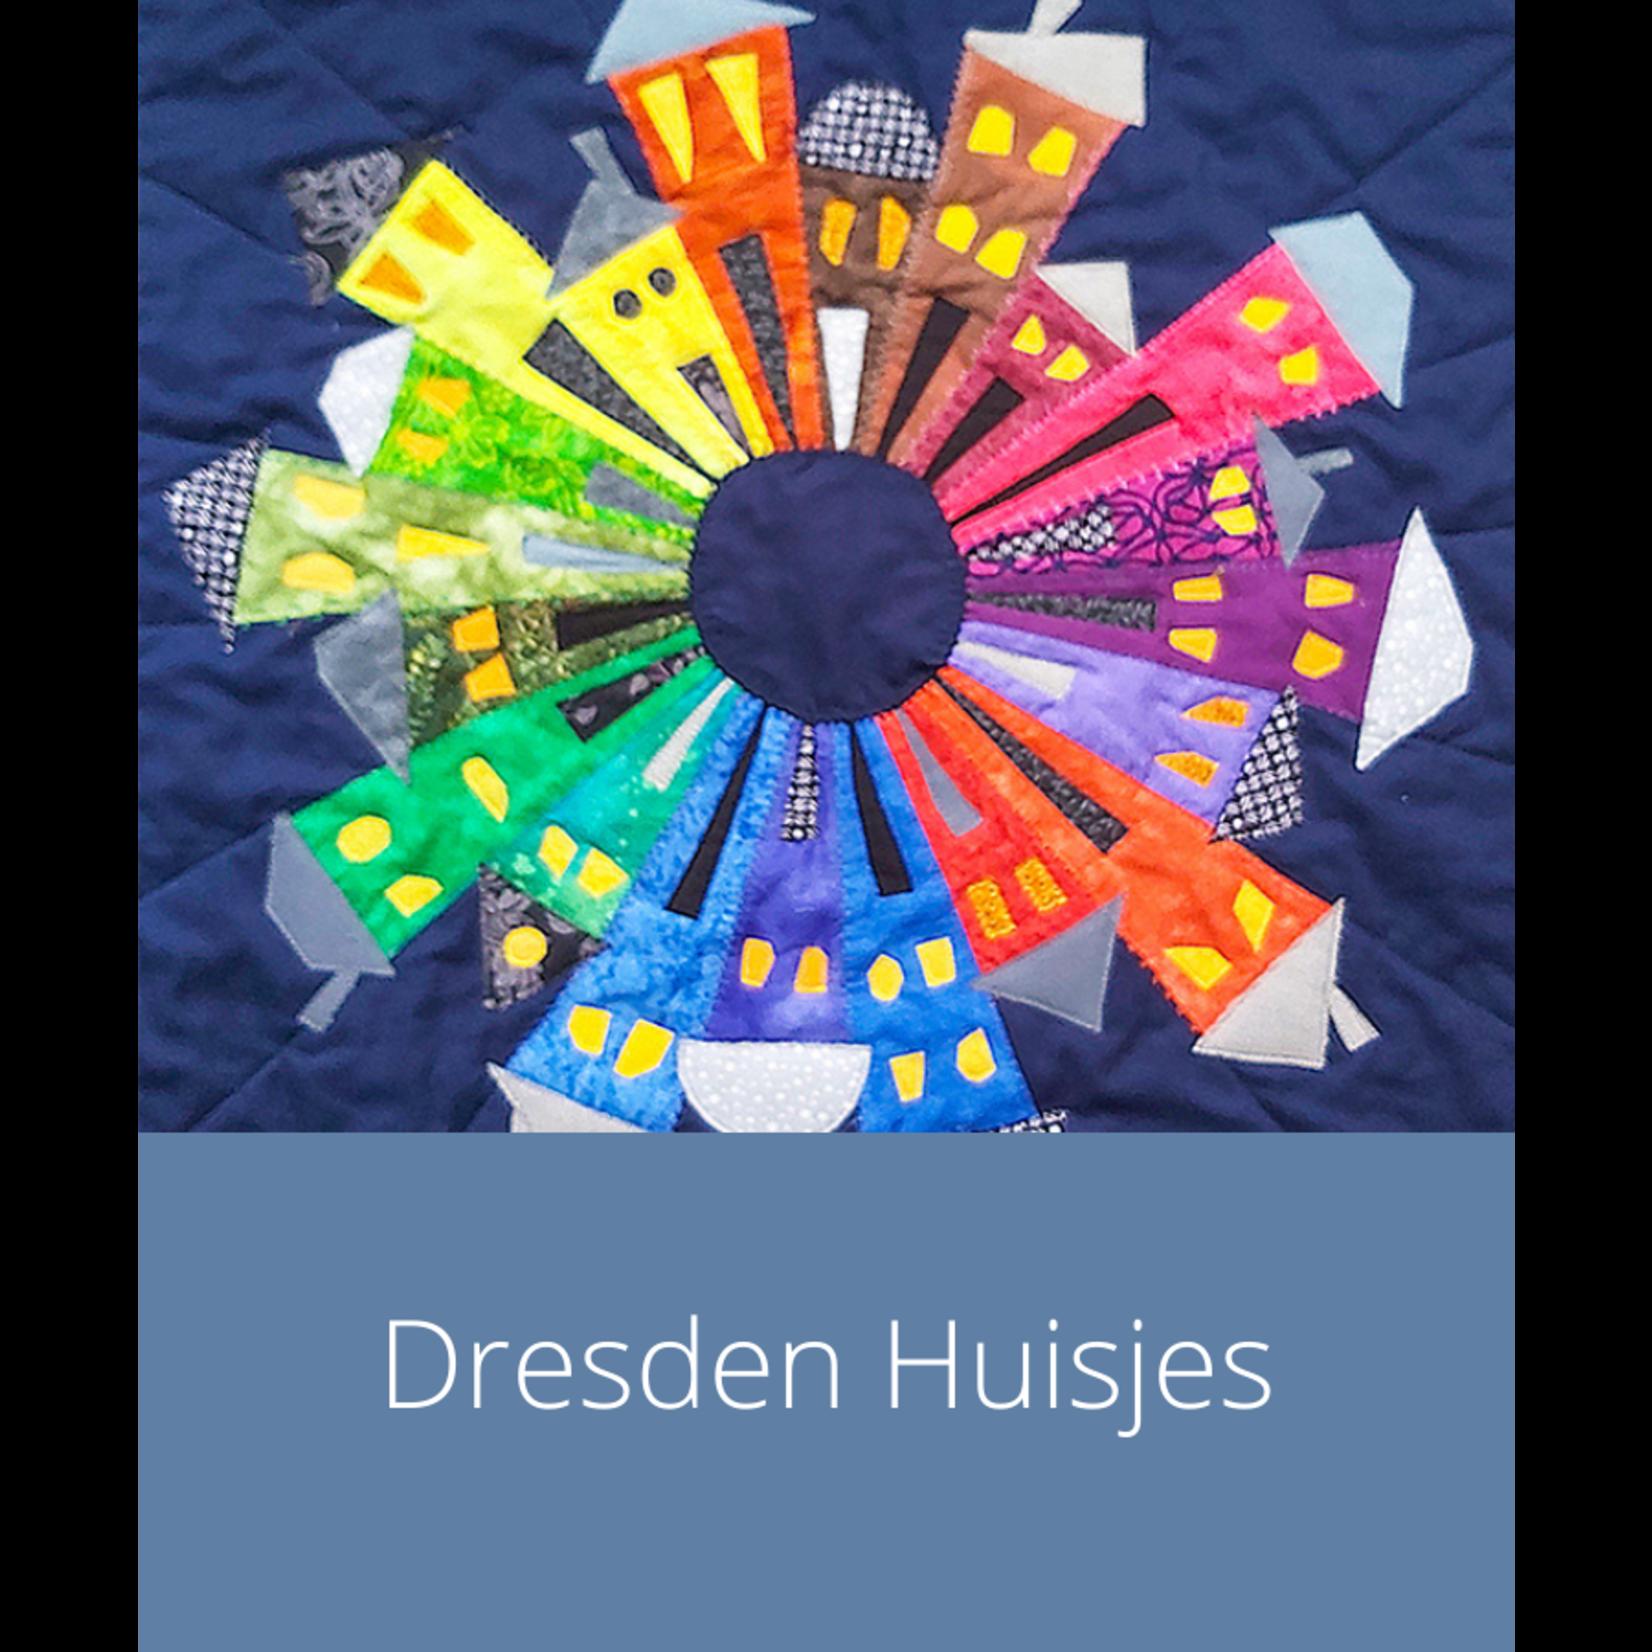 Cursus -Dresden huisjes | vrij 8 okt